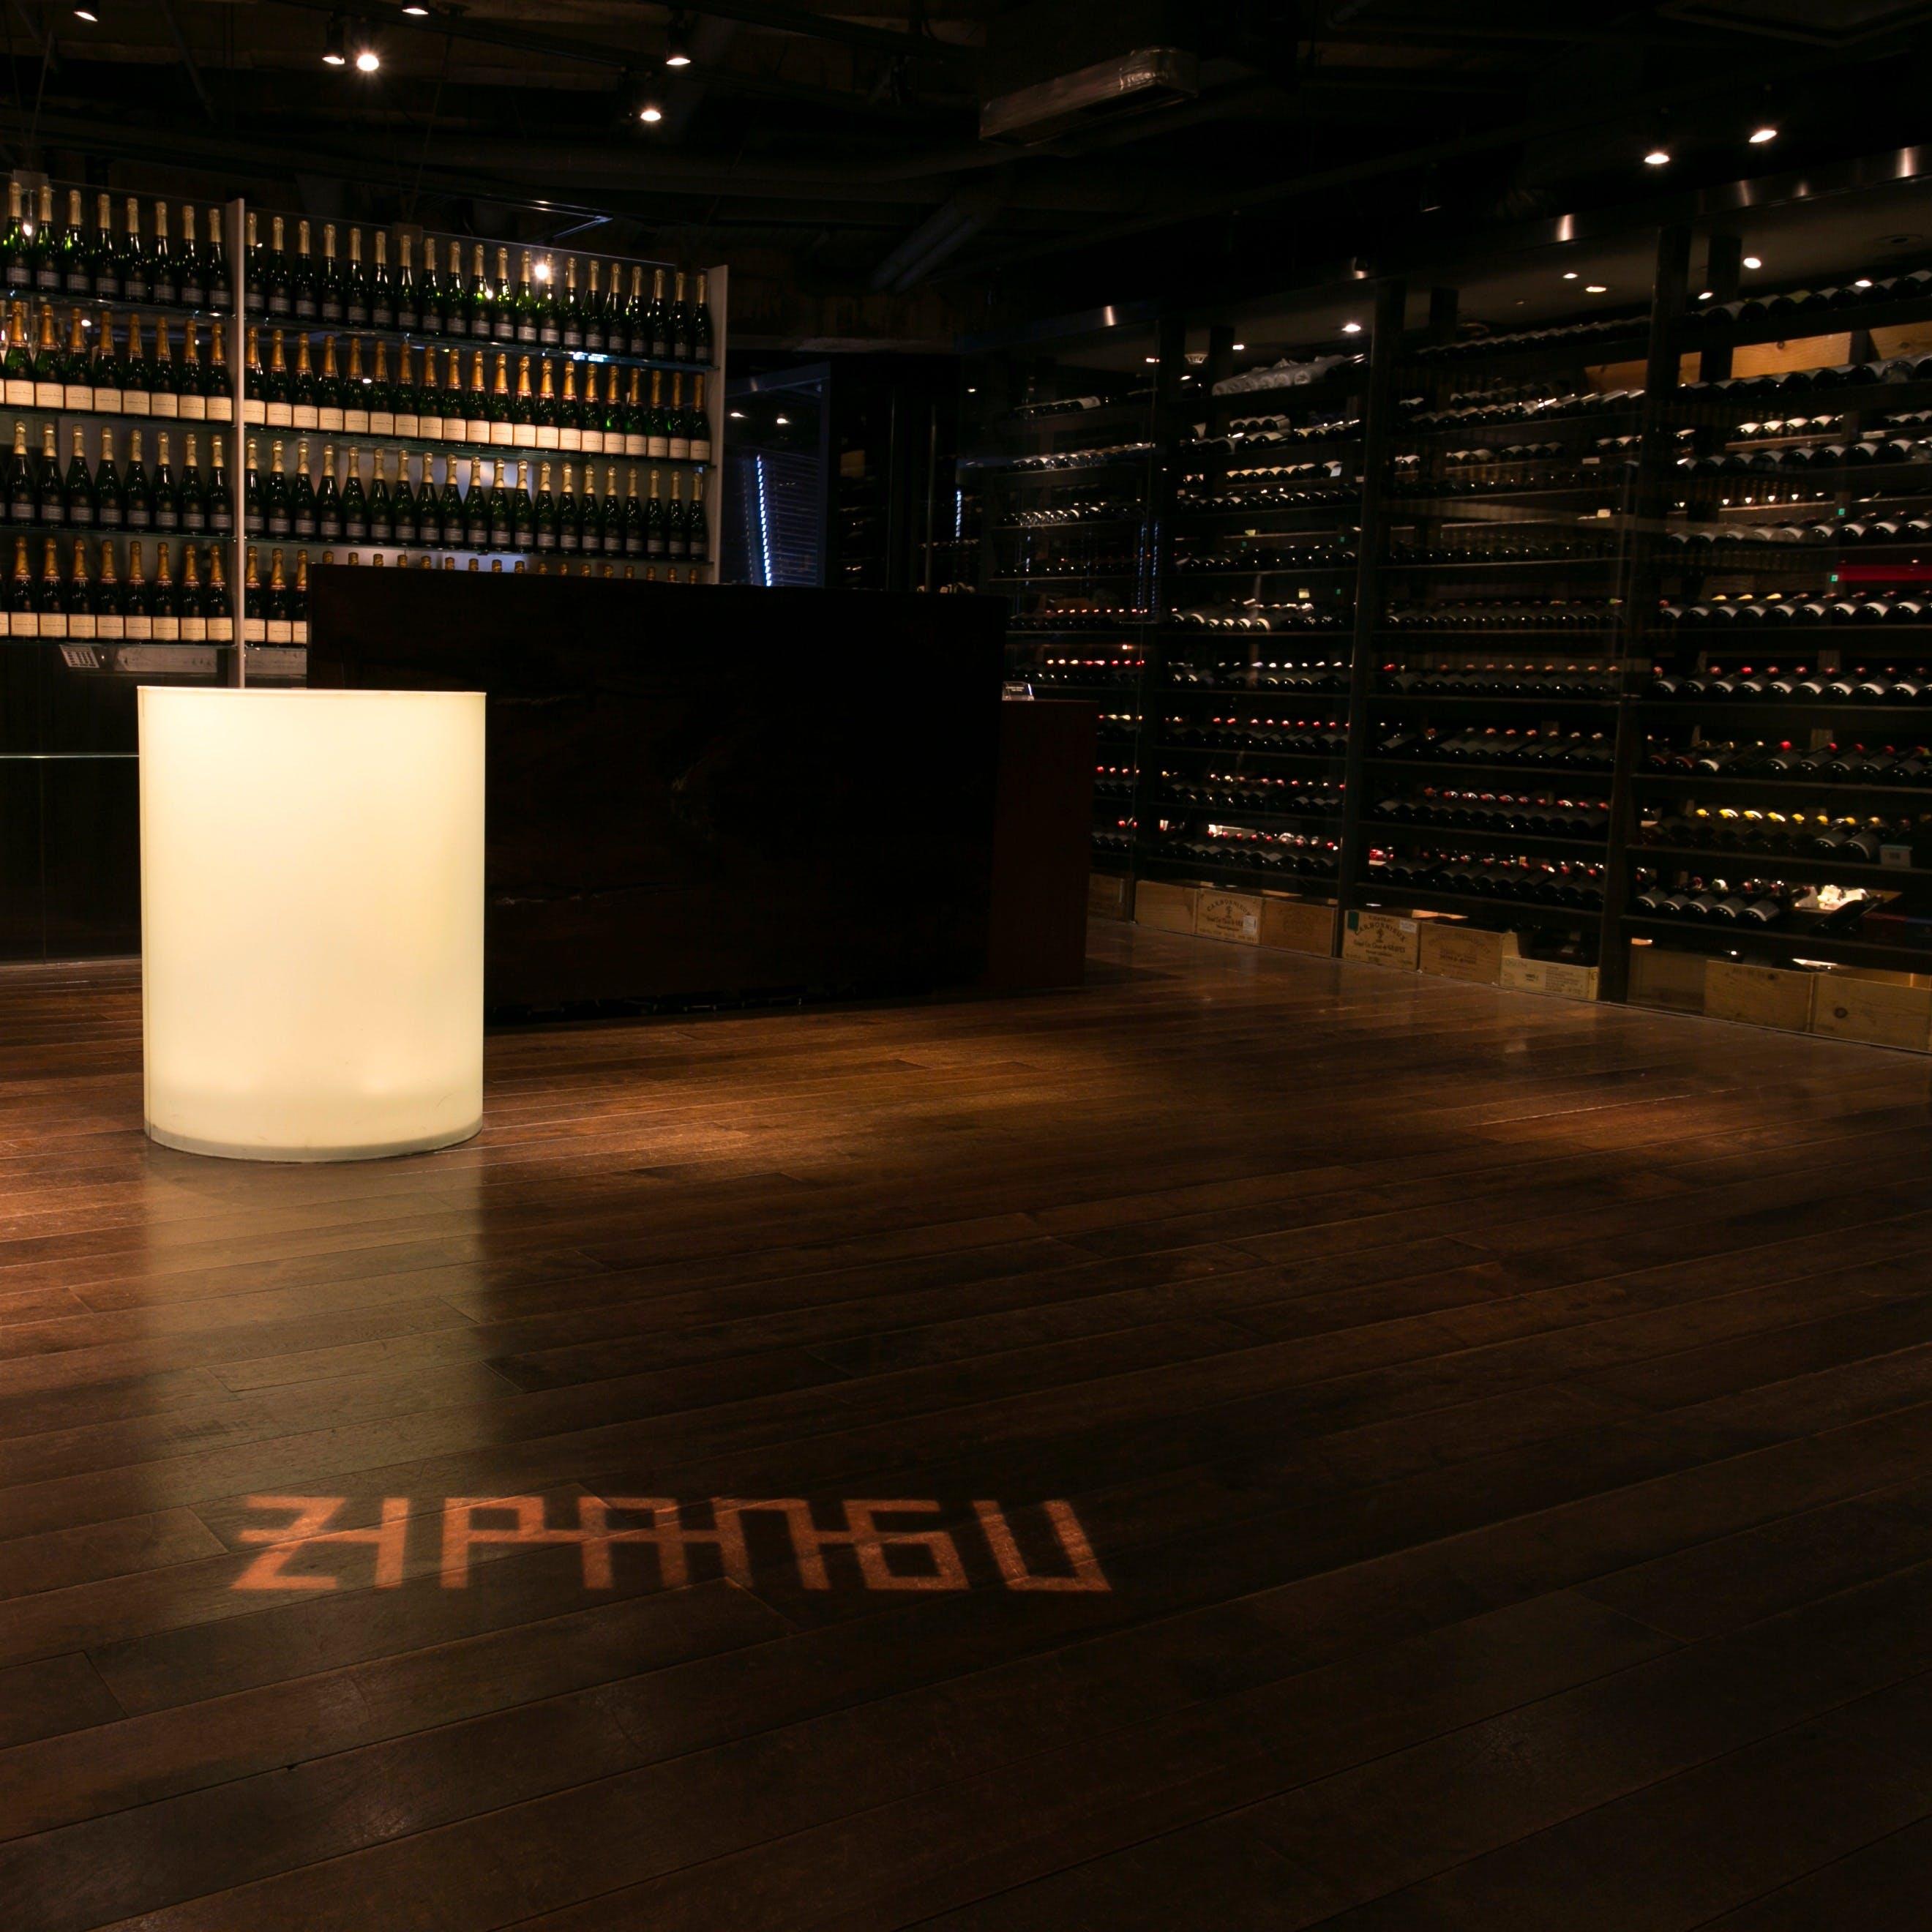 ワイン・日本酒・焼酎・洋酒、どれも本格的な品揃えでご提供させて頂きます